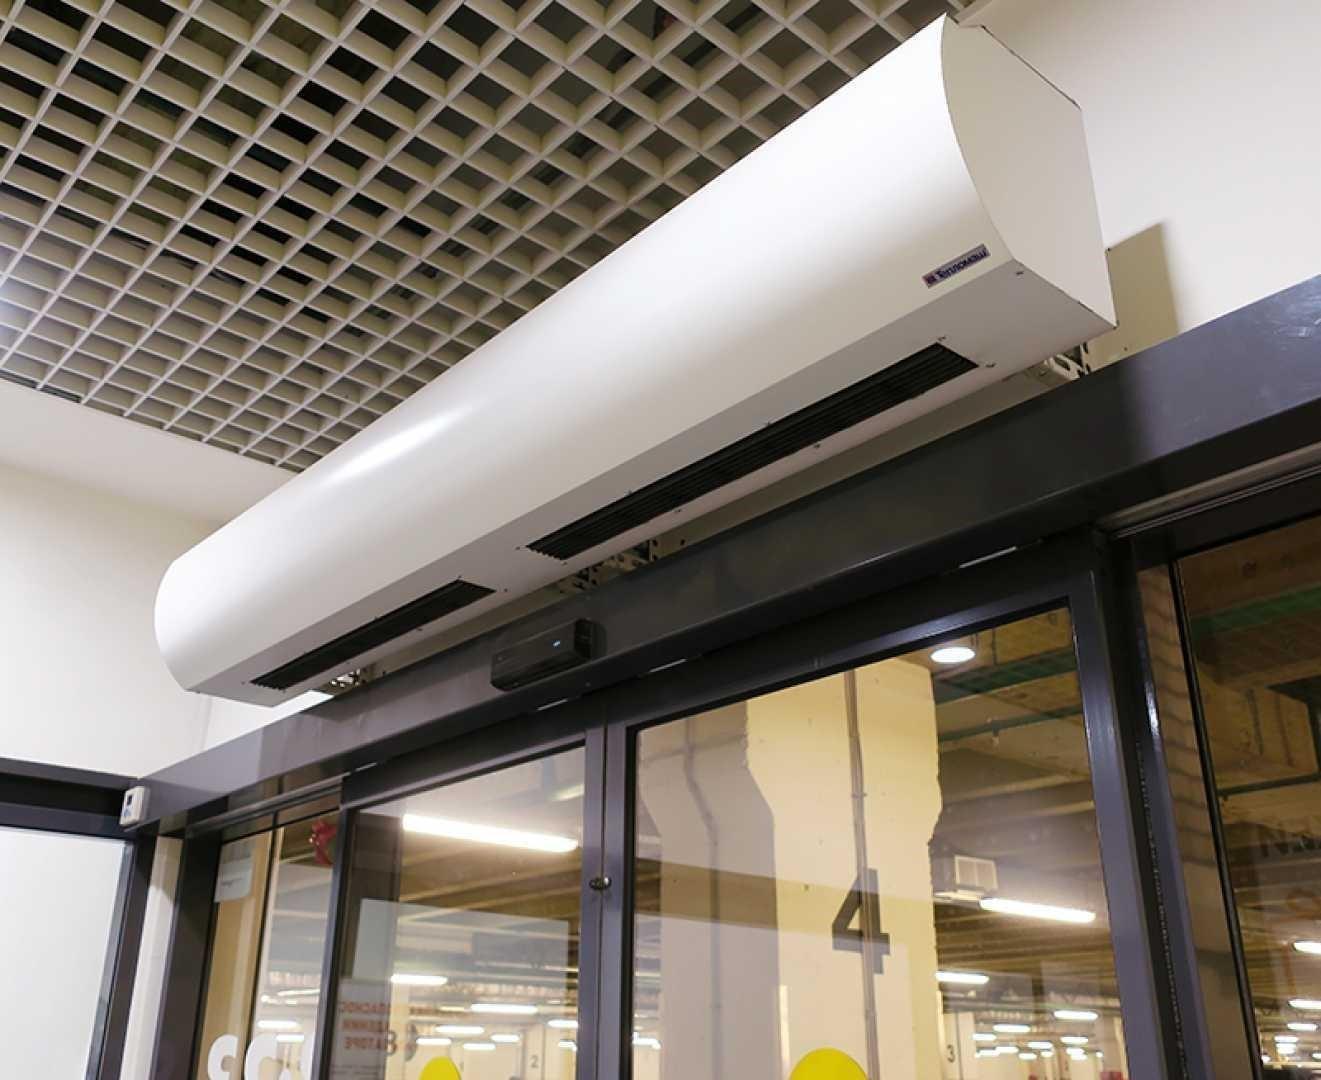 Тепловая завеса КЭВ-4П1153E - 4 кВт (длина 0,8 м.), для проемов высотой от 1-2,2 м.